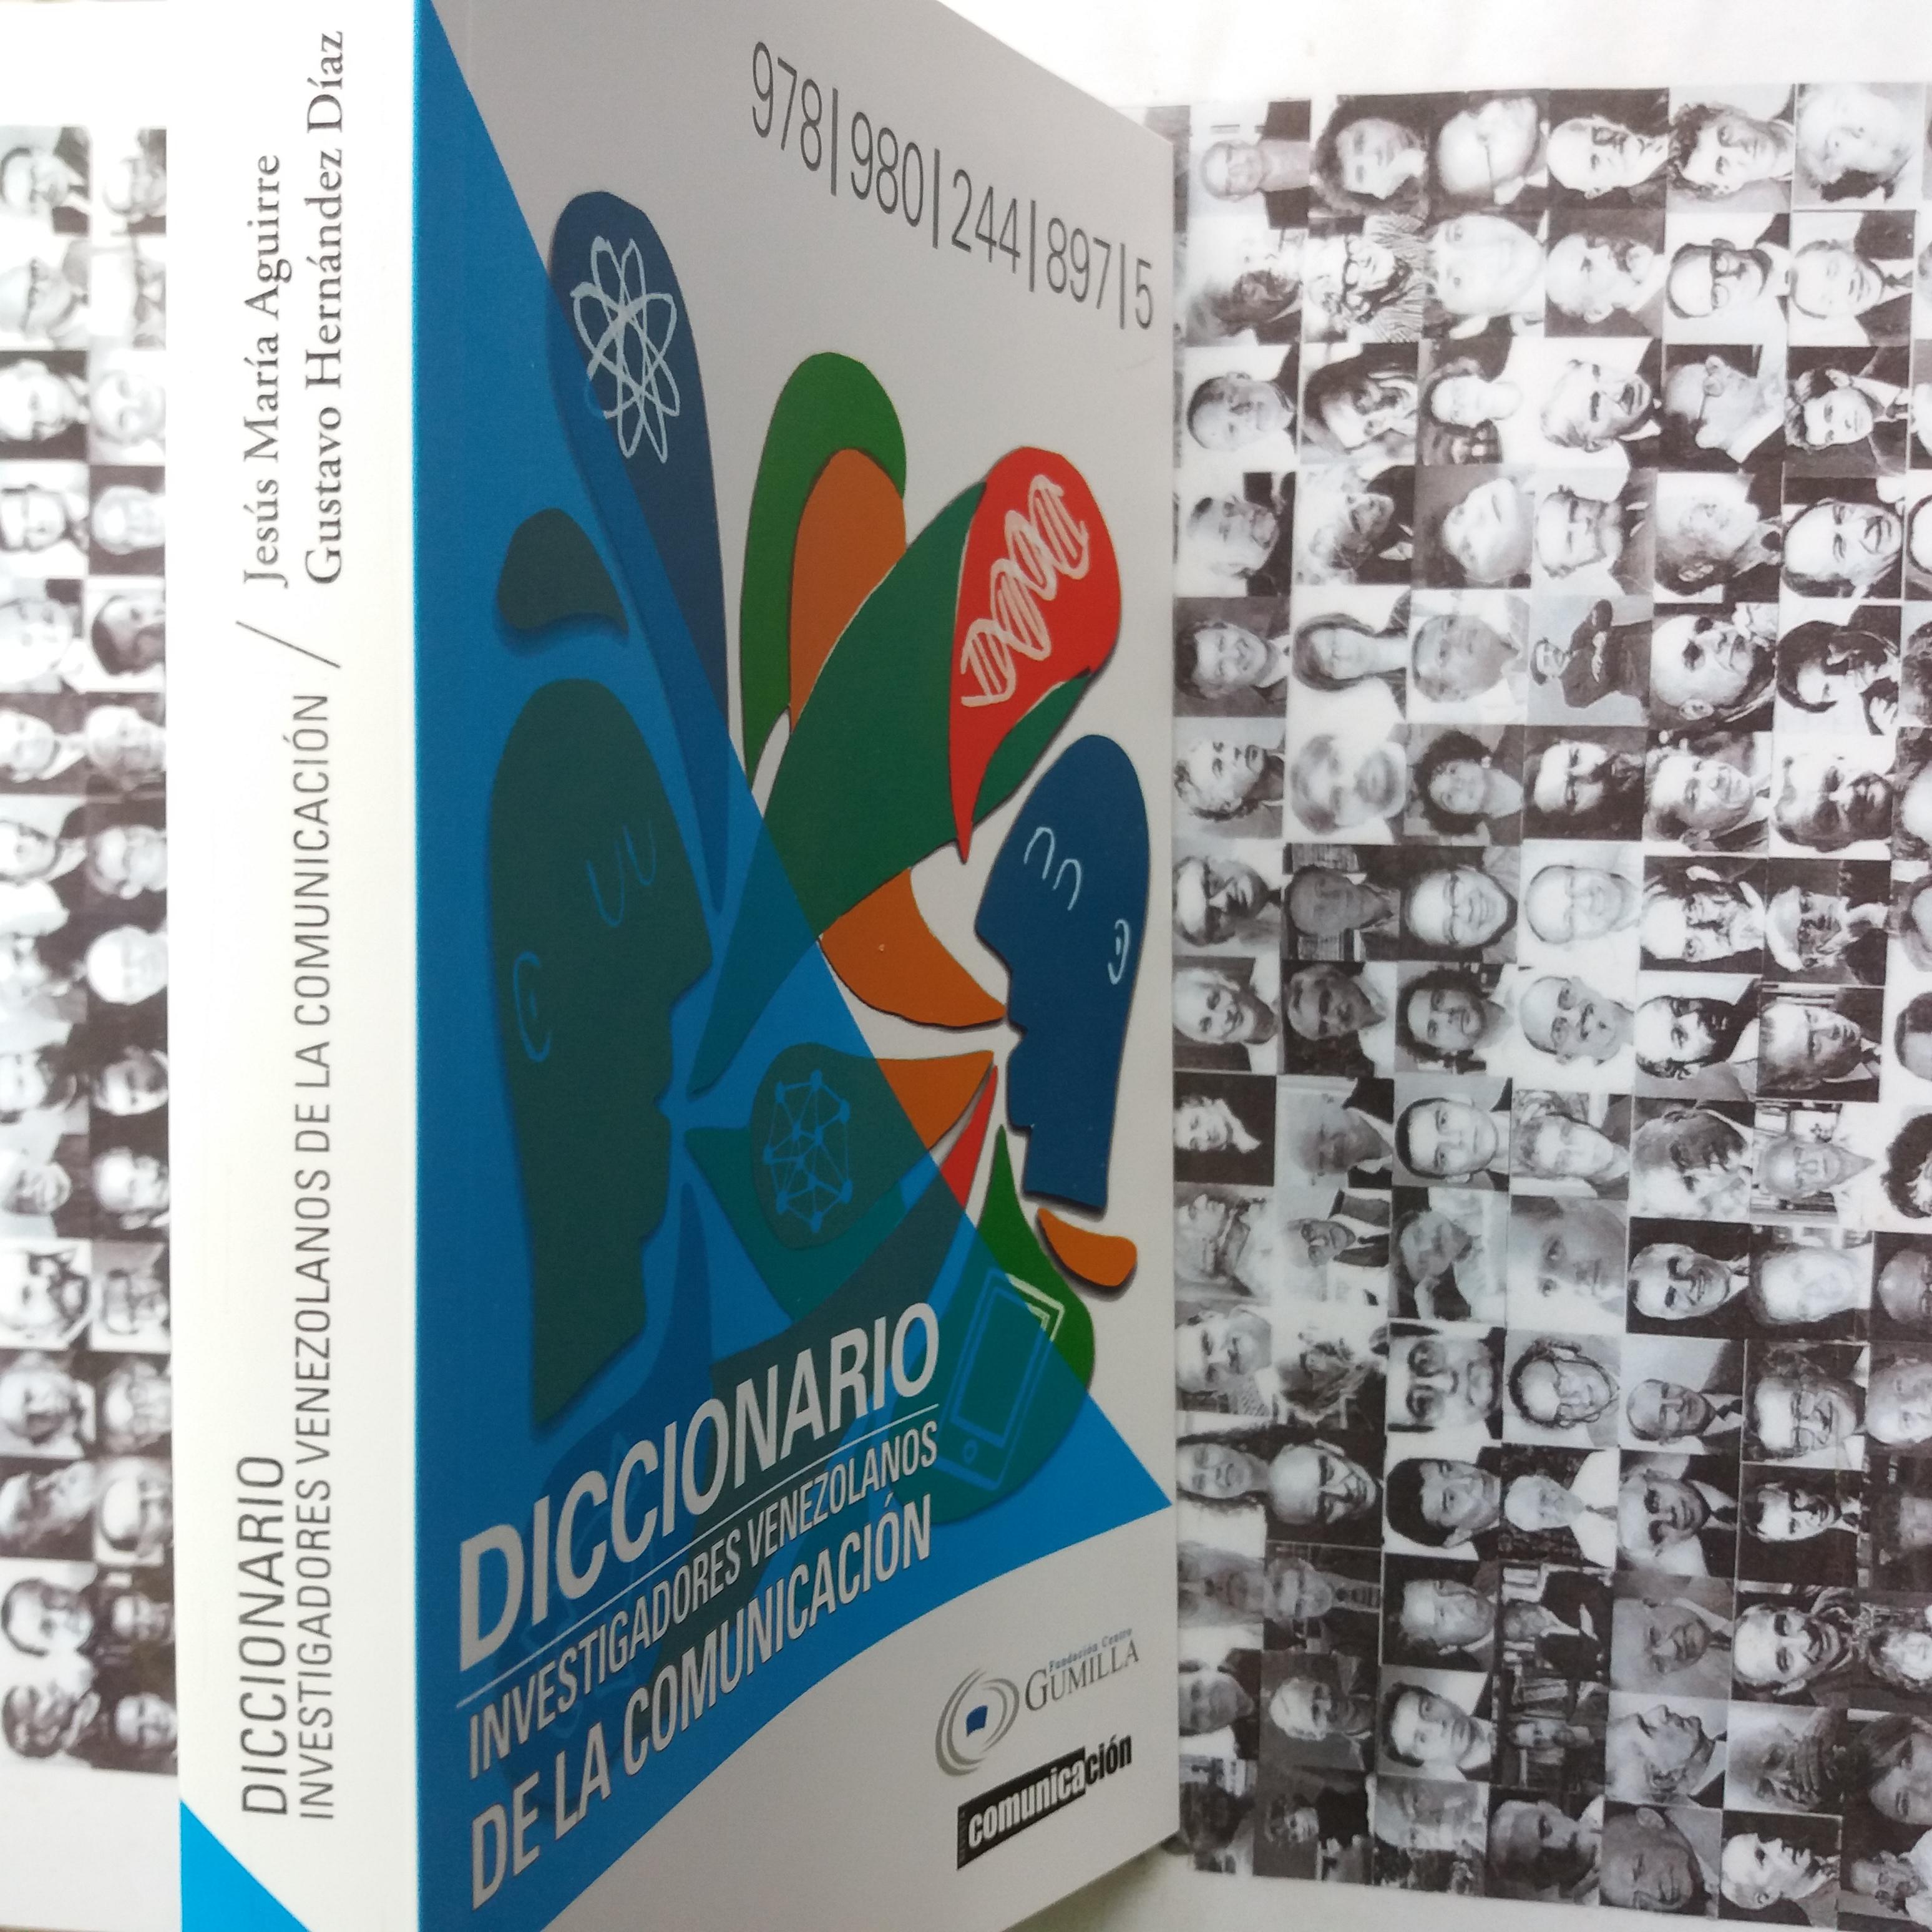 Diccionario de investigadores venezolanos de la comunicación